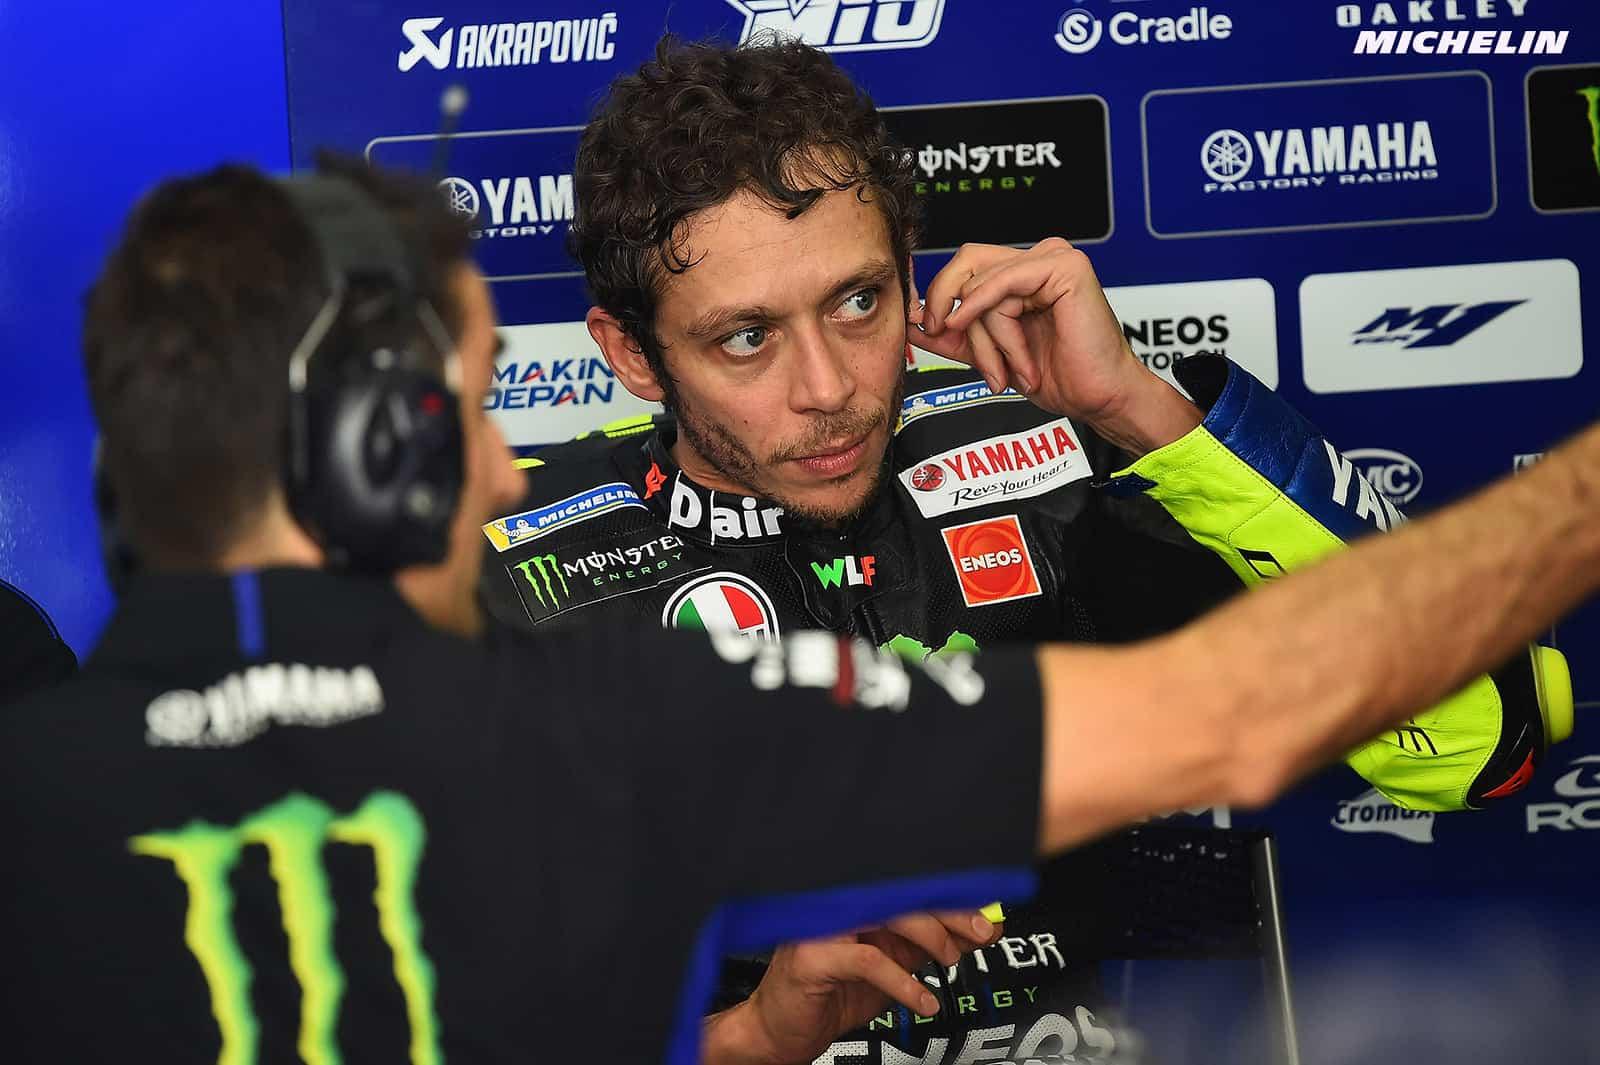 バレンティーノ・ロッシ「ロックダウンによってレースが出来るありがたみを感じた」